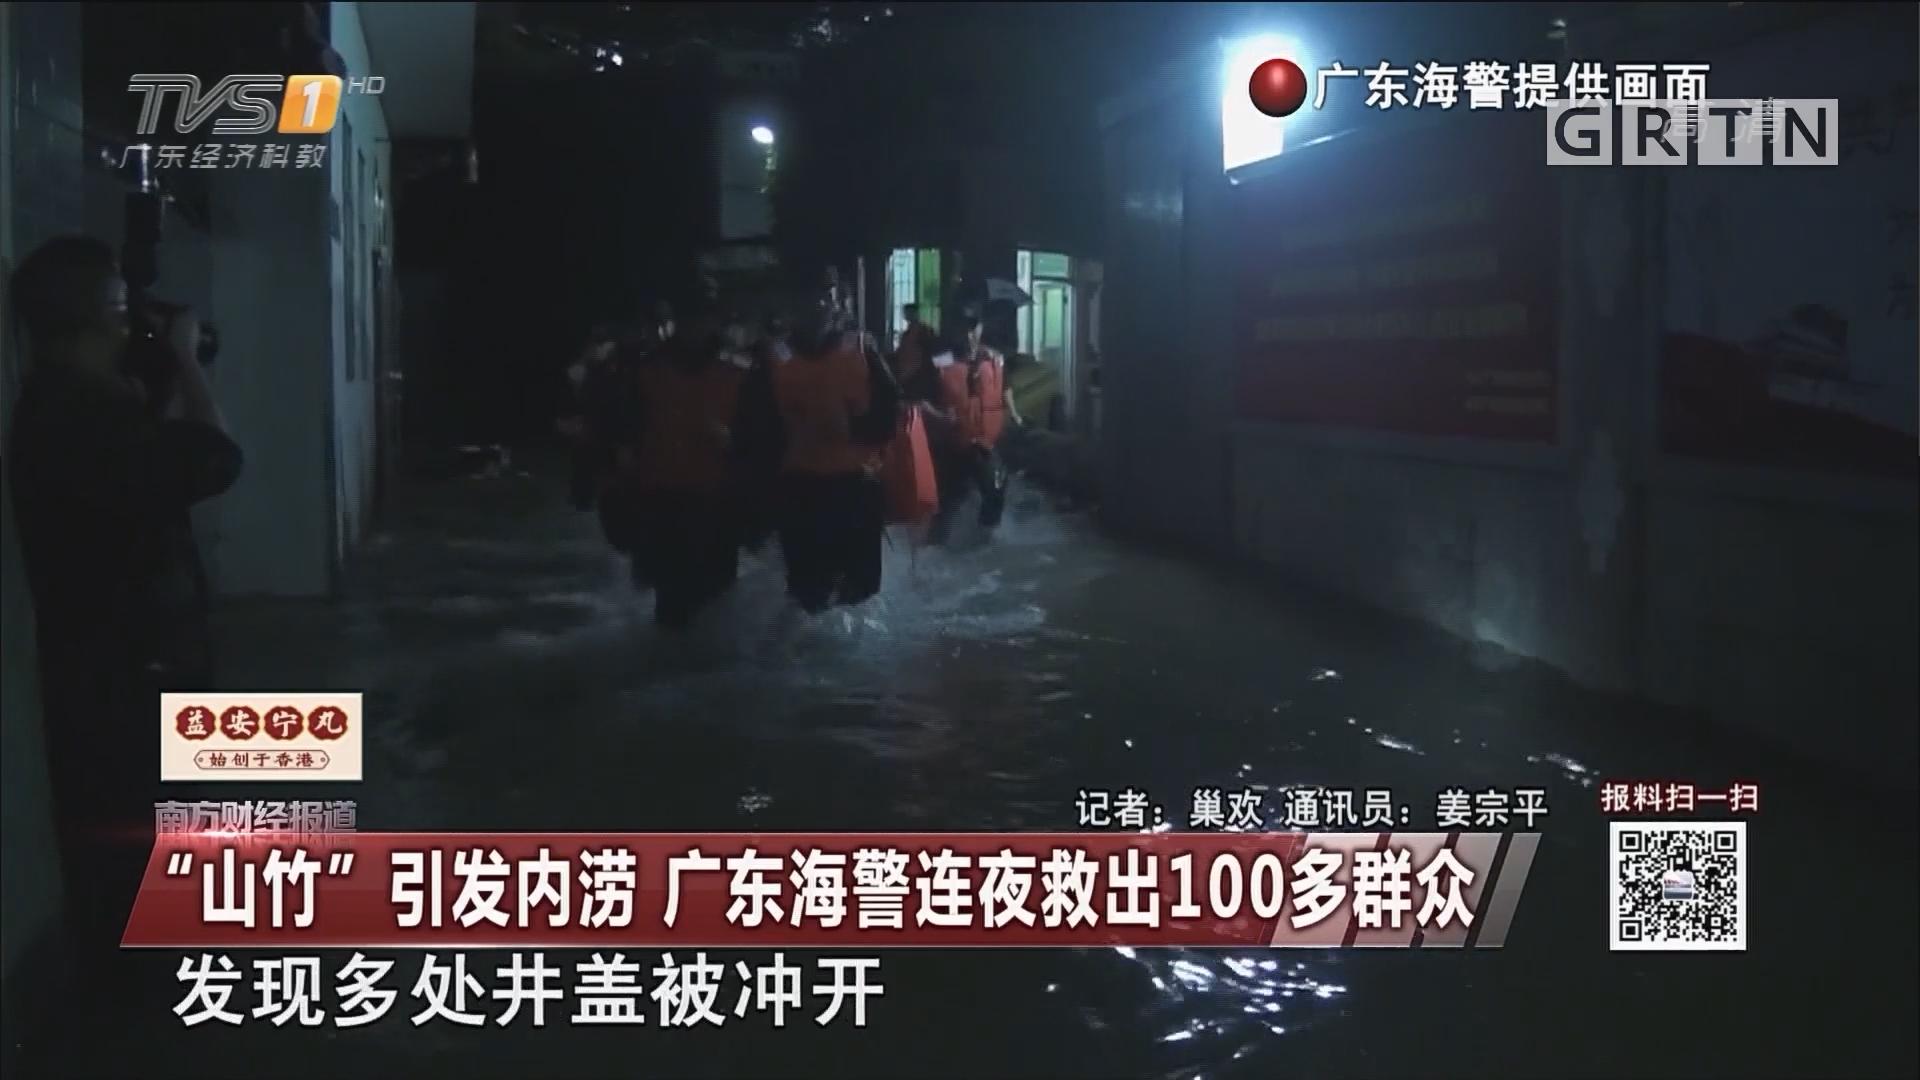 """""""山竹""""引发内涝 广东海警连夜救出100多群众"""